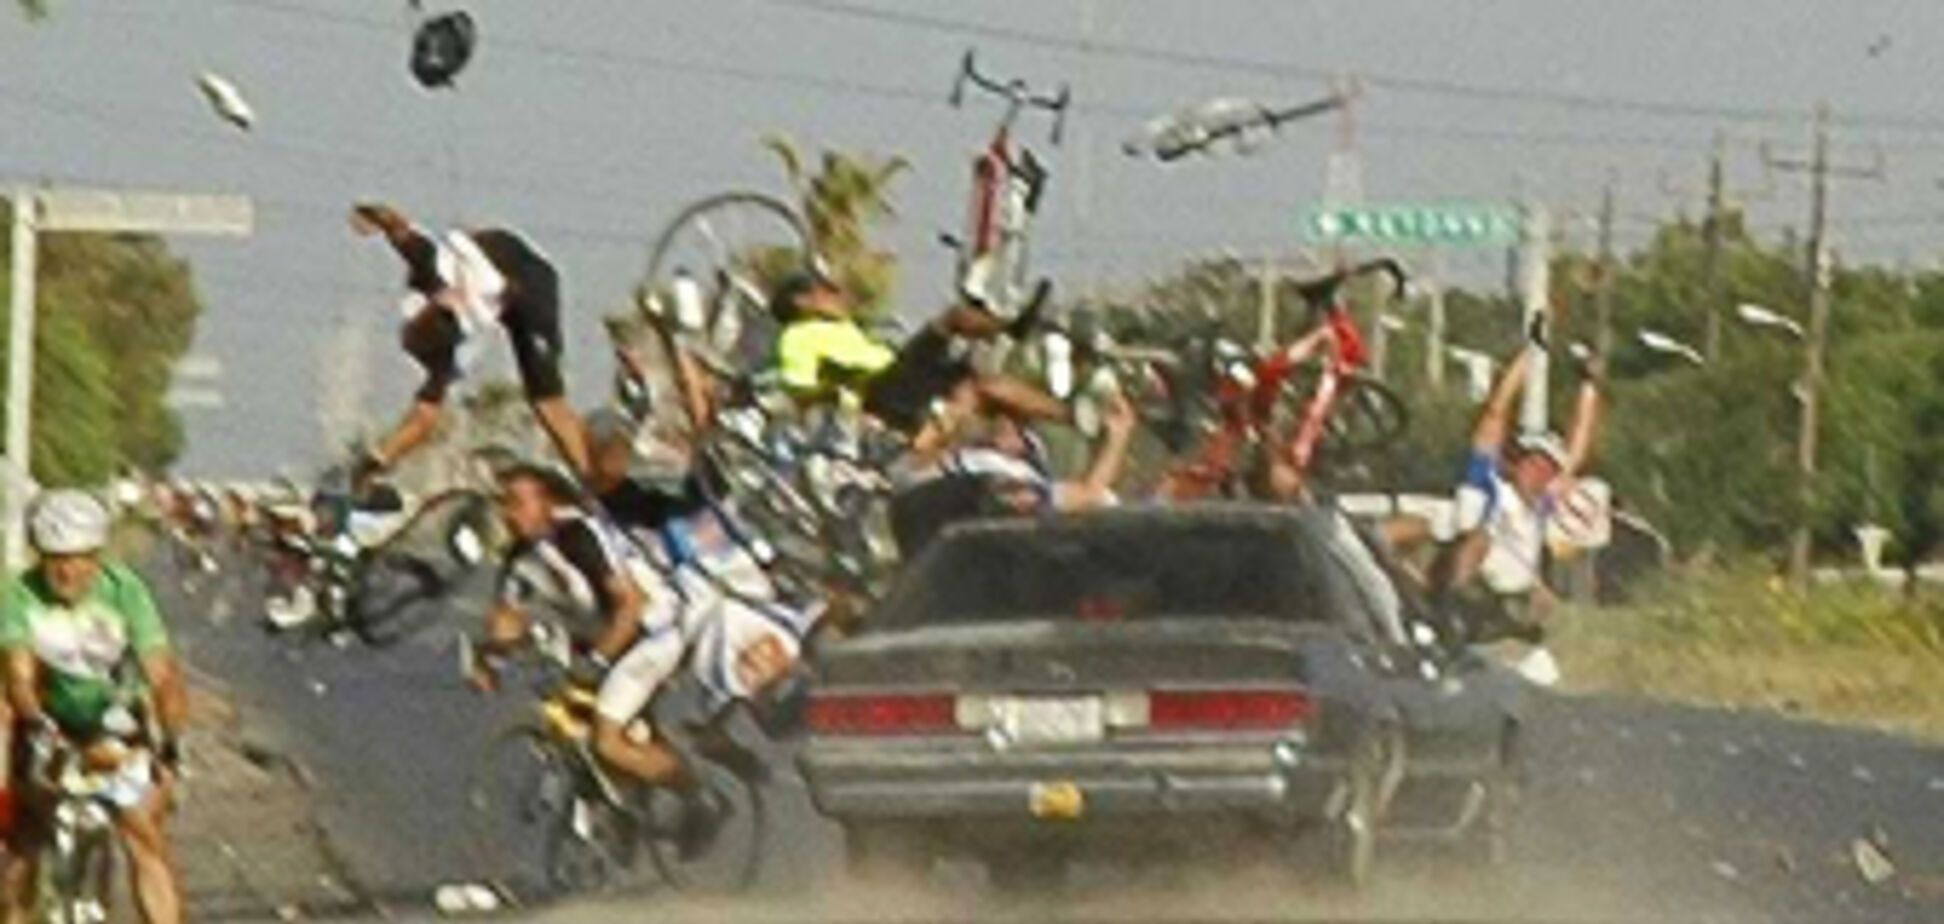 П'яний водій врізався в групу велосипедистів